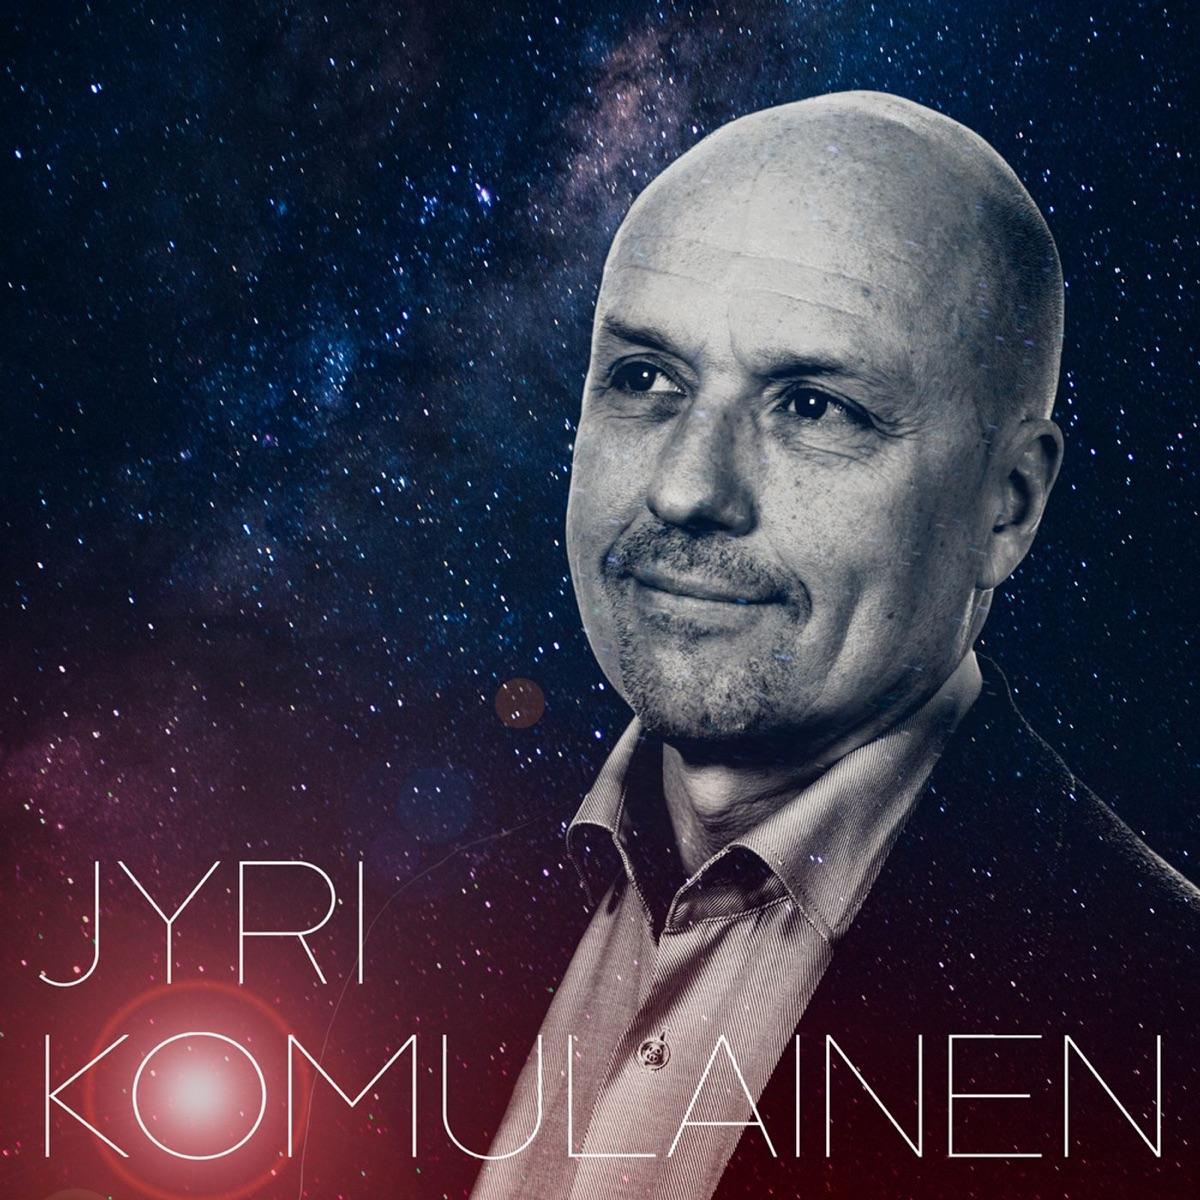 Jyri Komulainen